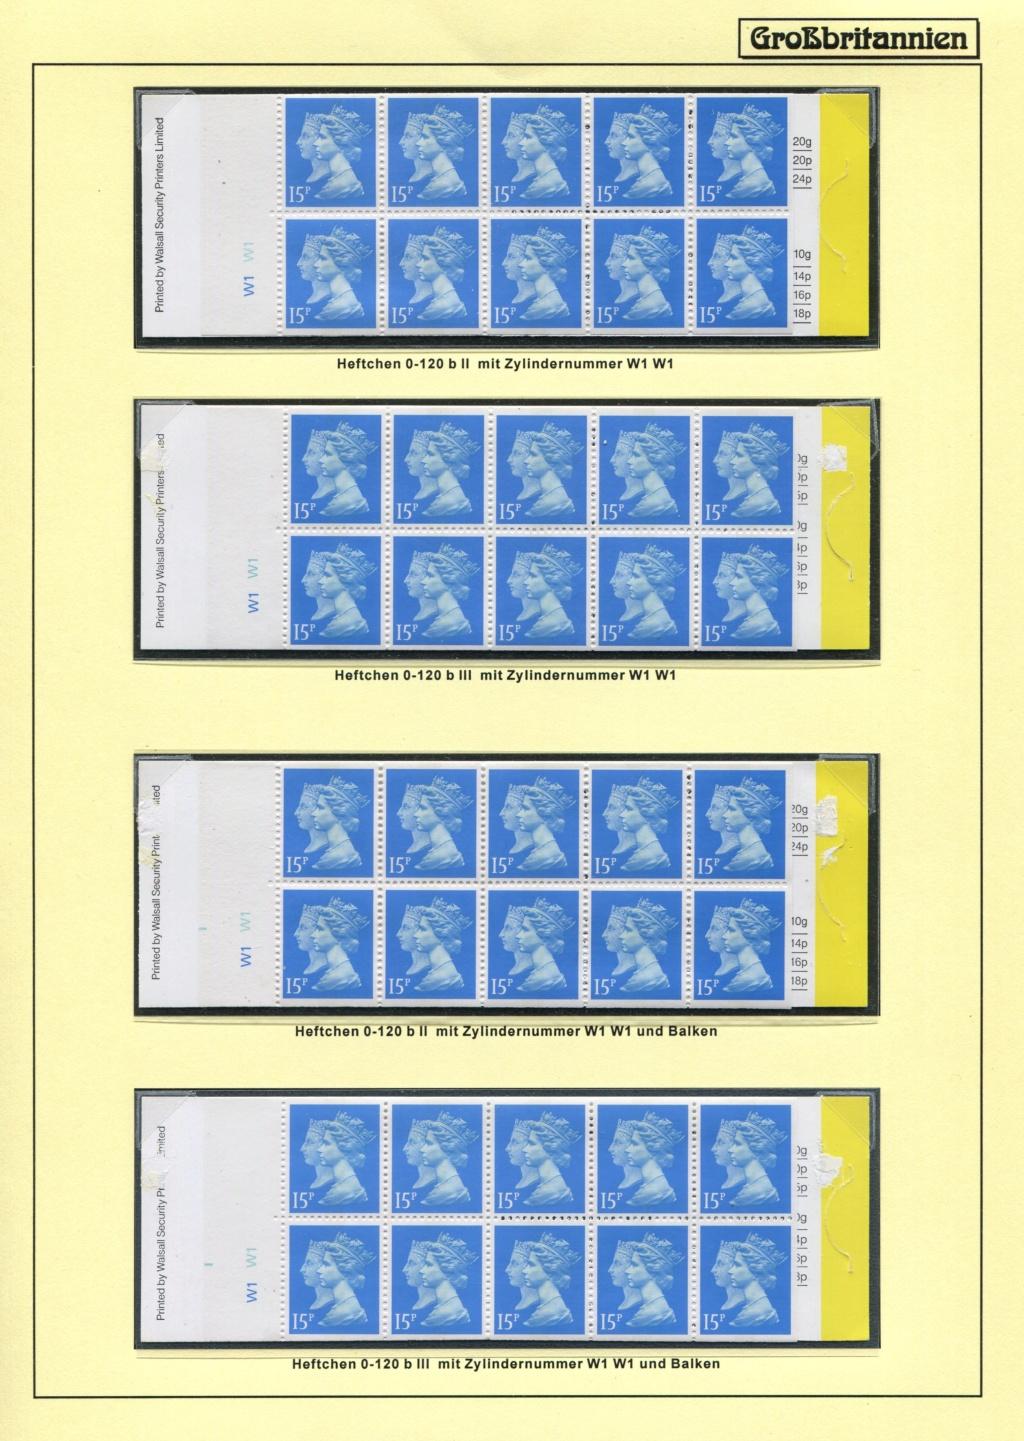 Großbritannien - 150 Jahre Briefmarken Black_57